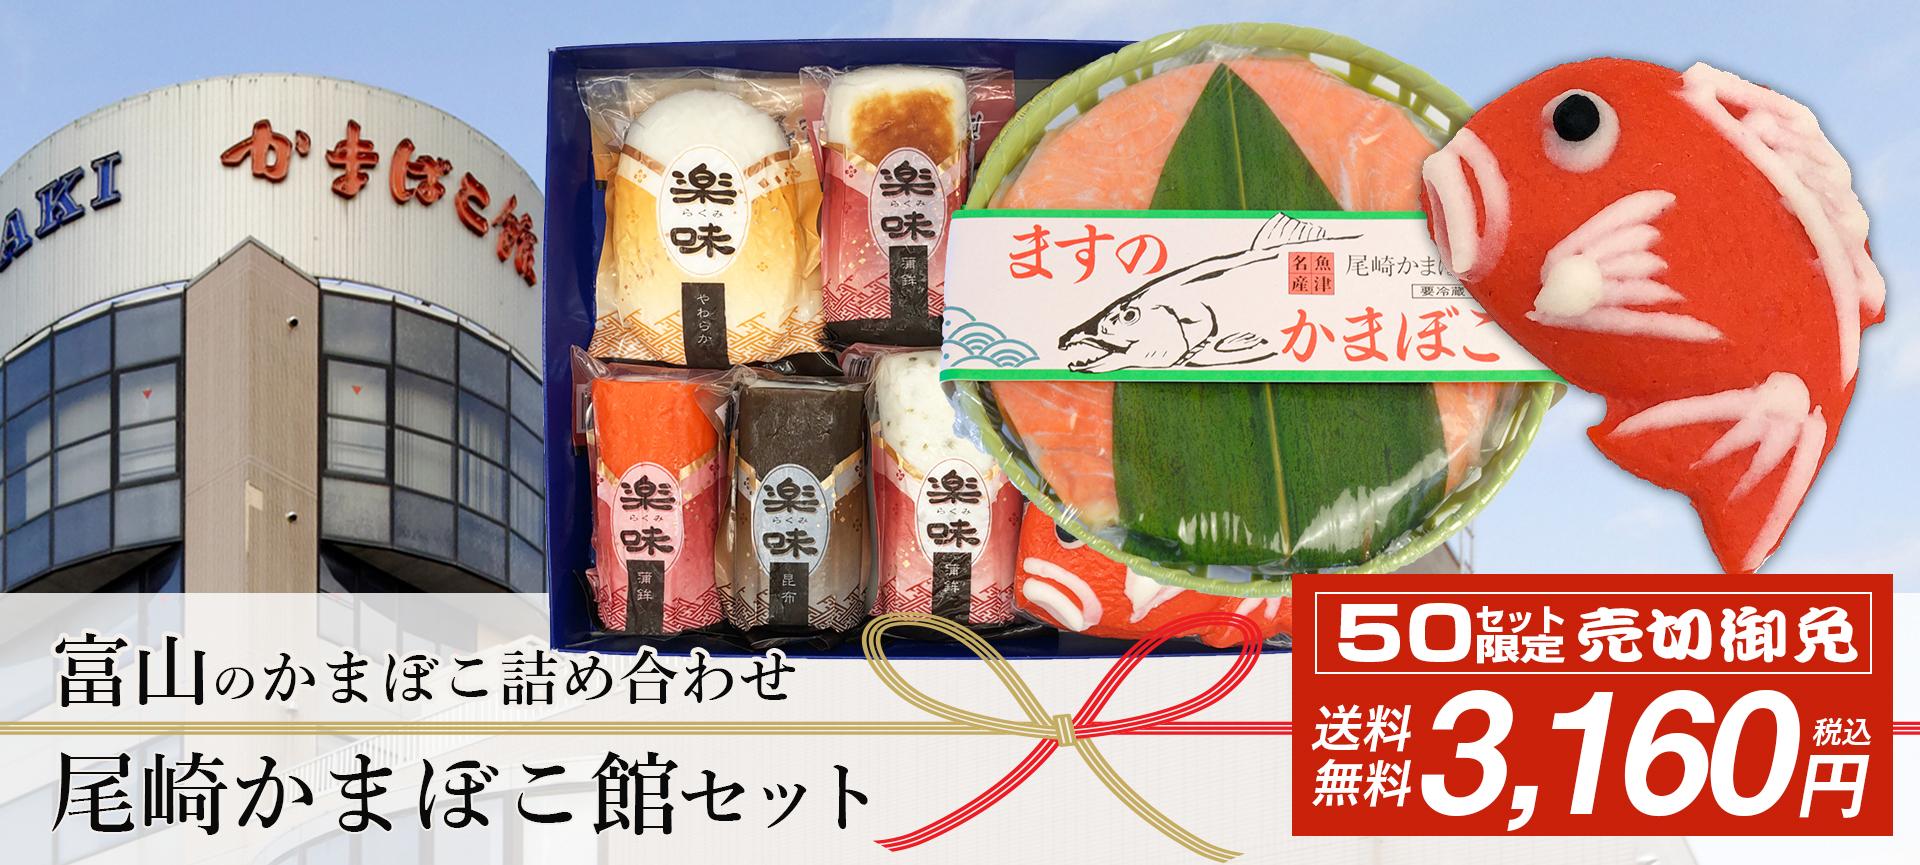 尾崎かまぼこ館セット